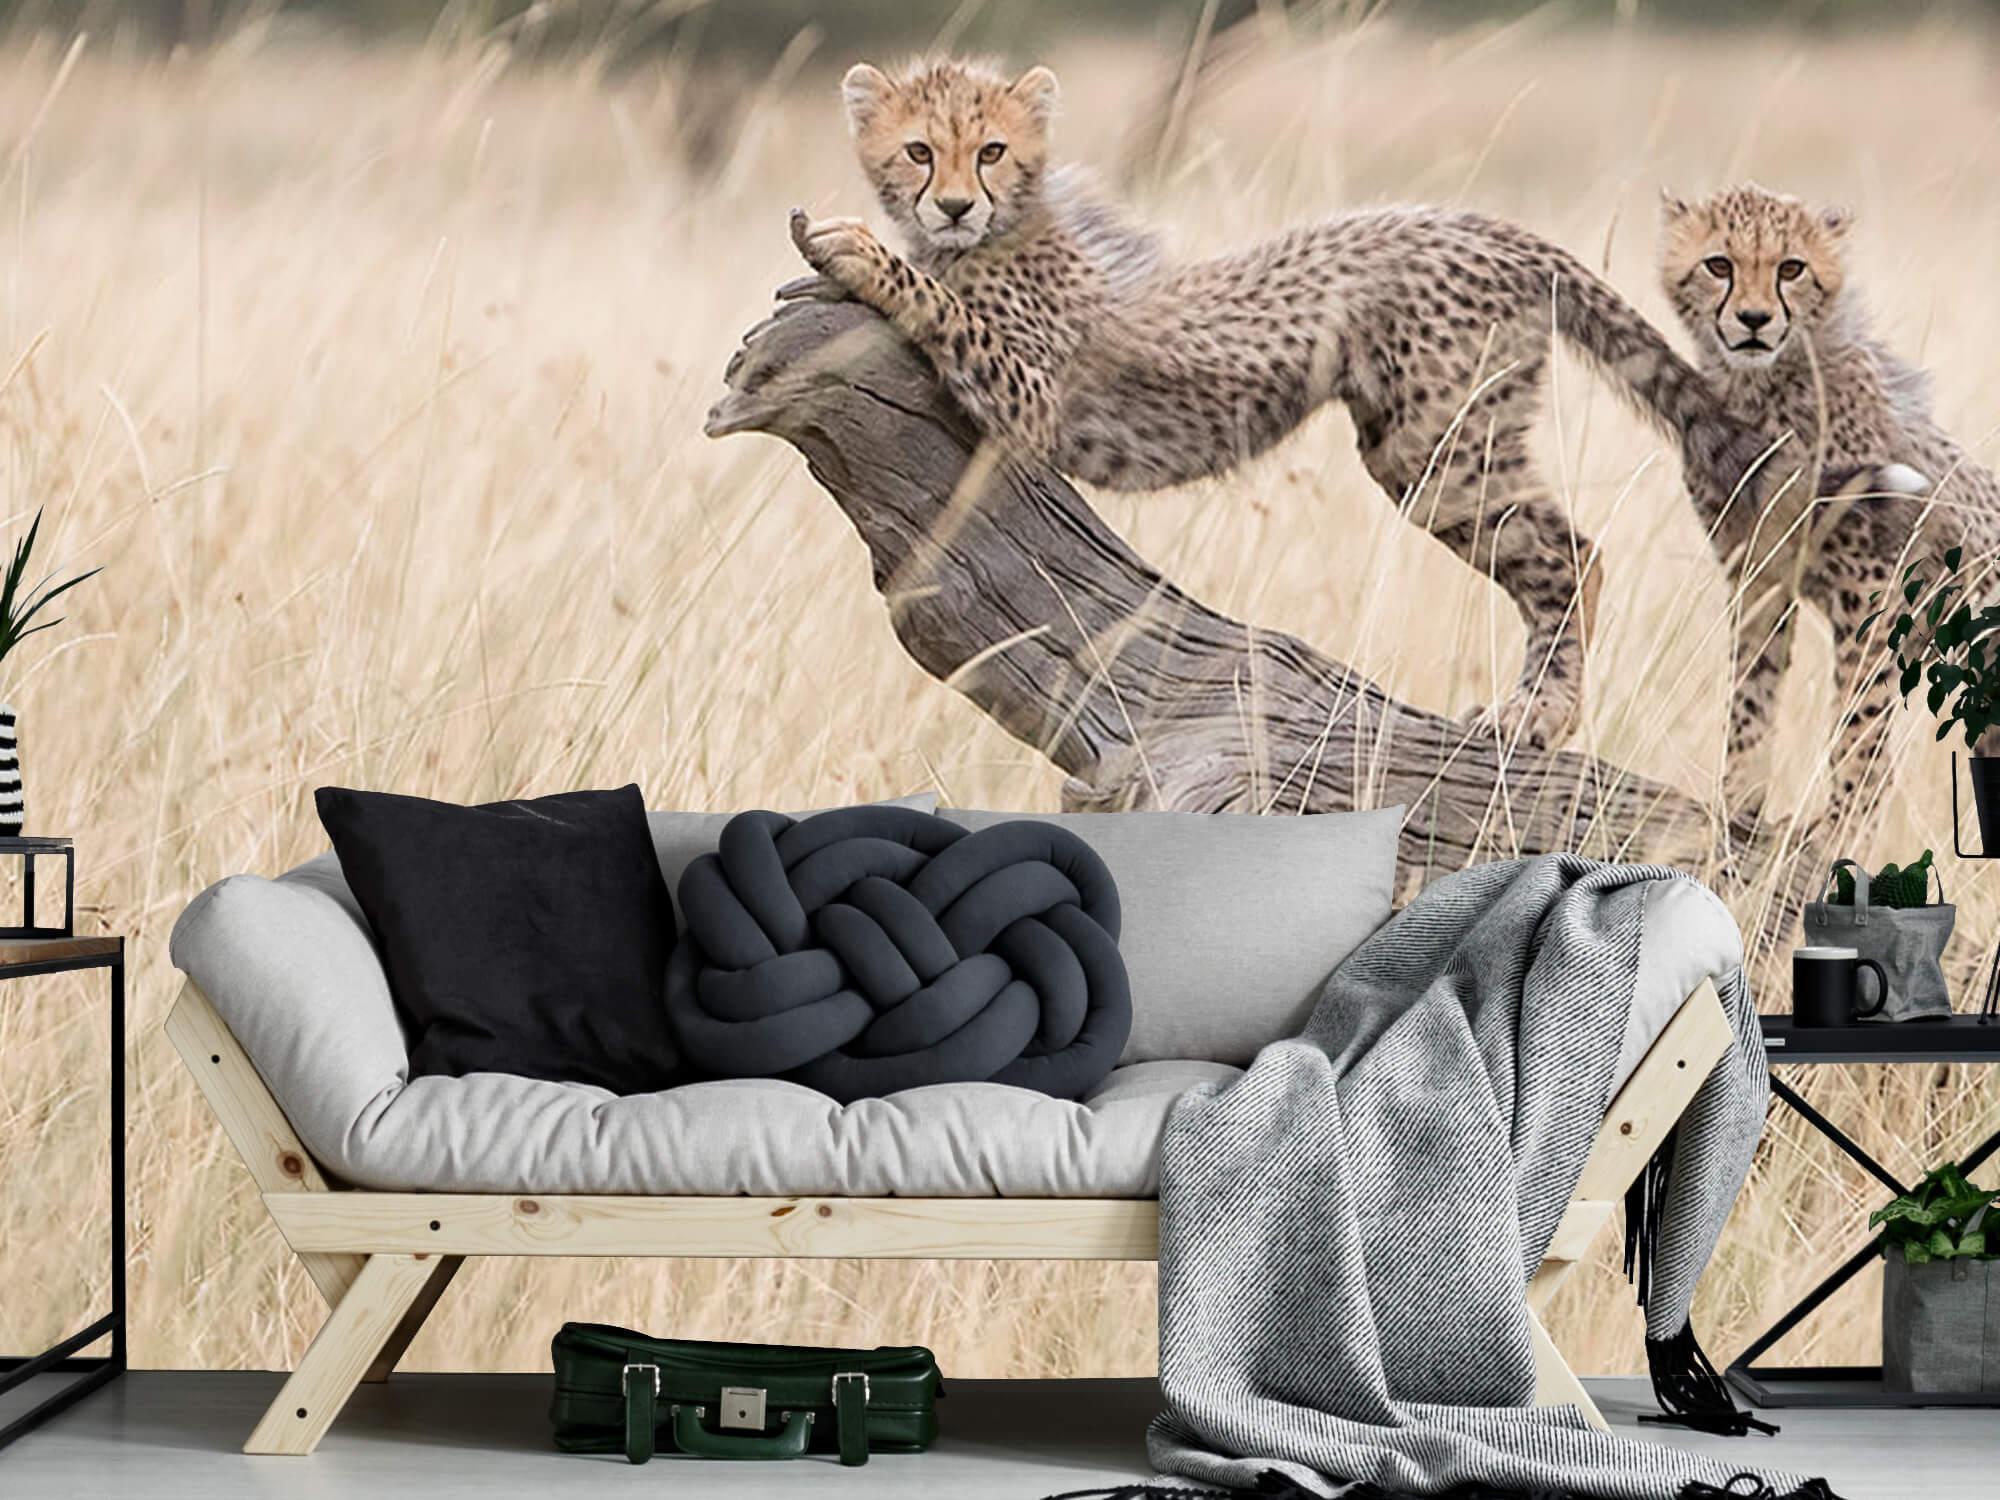 Curious Kitties 7